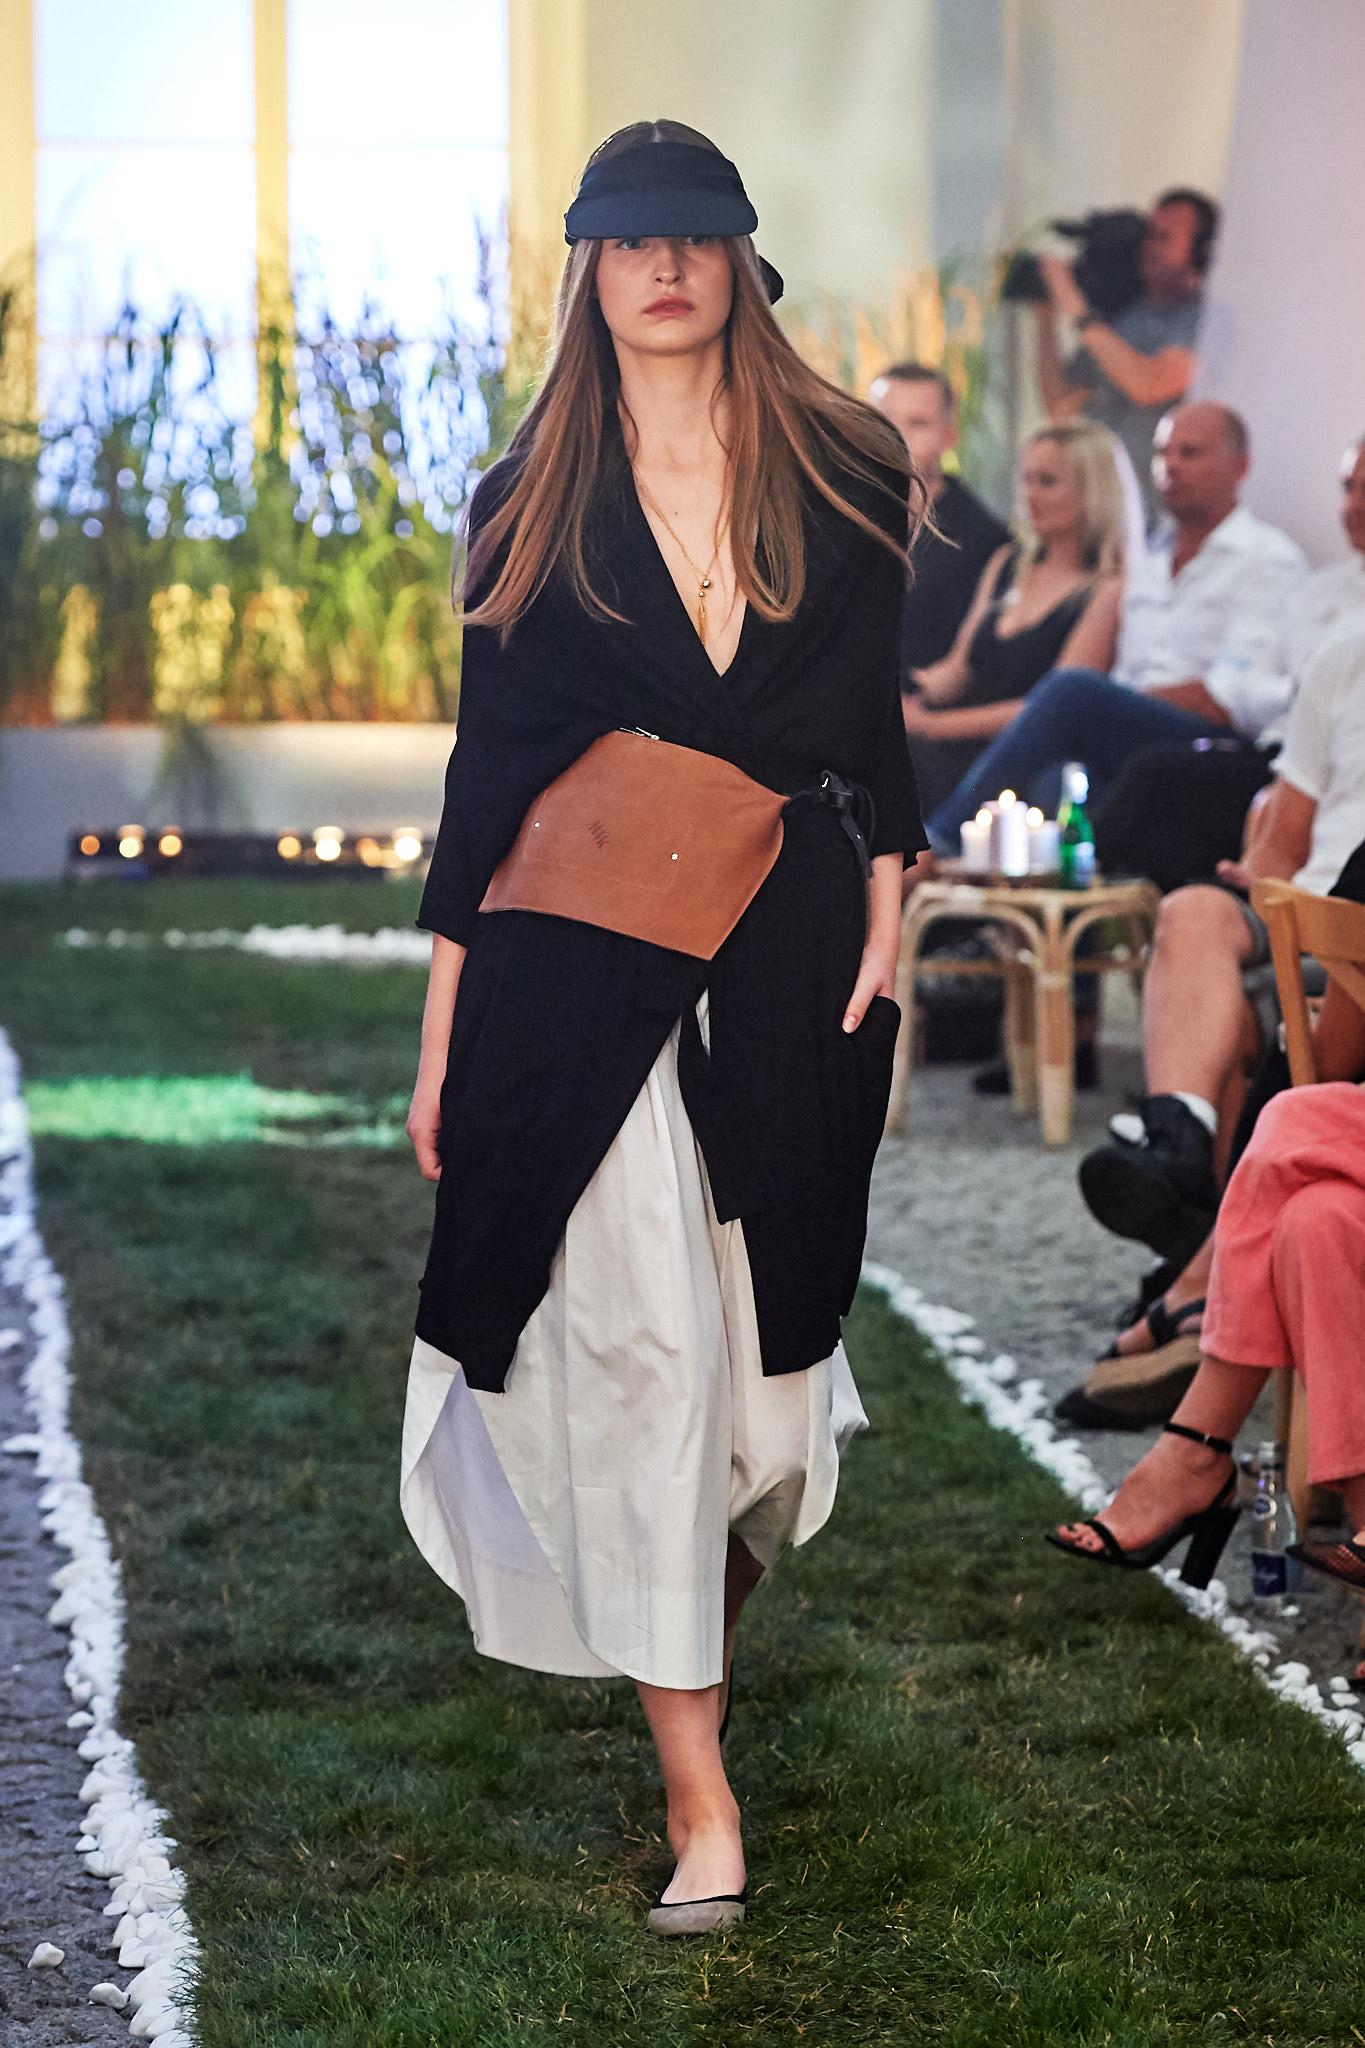 10_MMC-010719-lowres-fotFilipOkopny-FashionImages